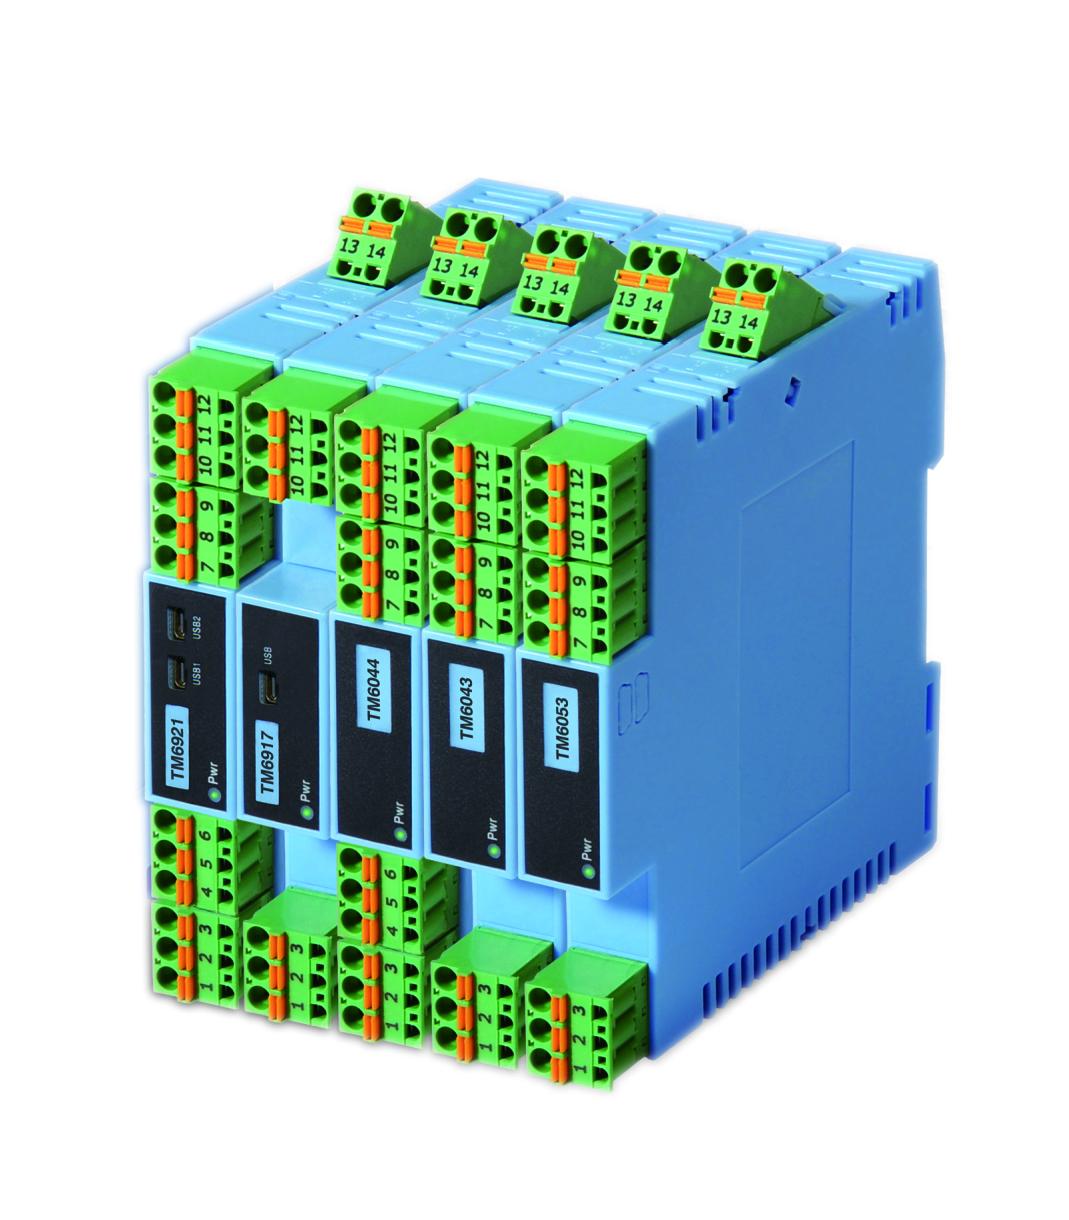 回路供电 · 二线制或三线制热电阻信号输入隔离器